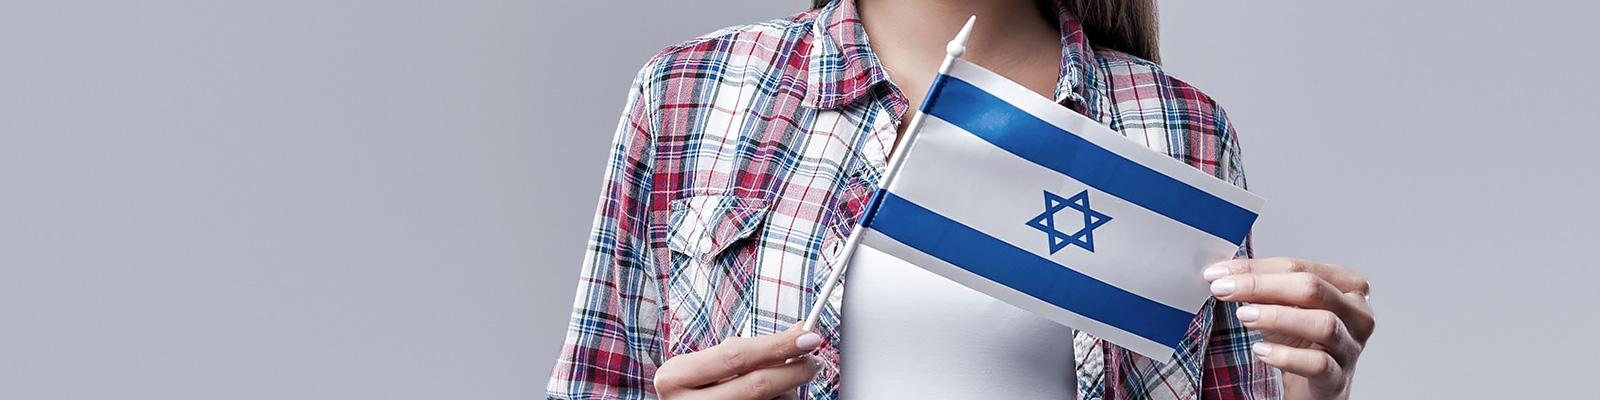 イスラエル 国旗 学生 イメージ